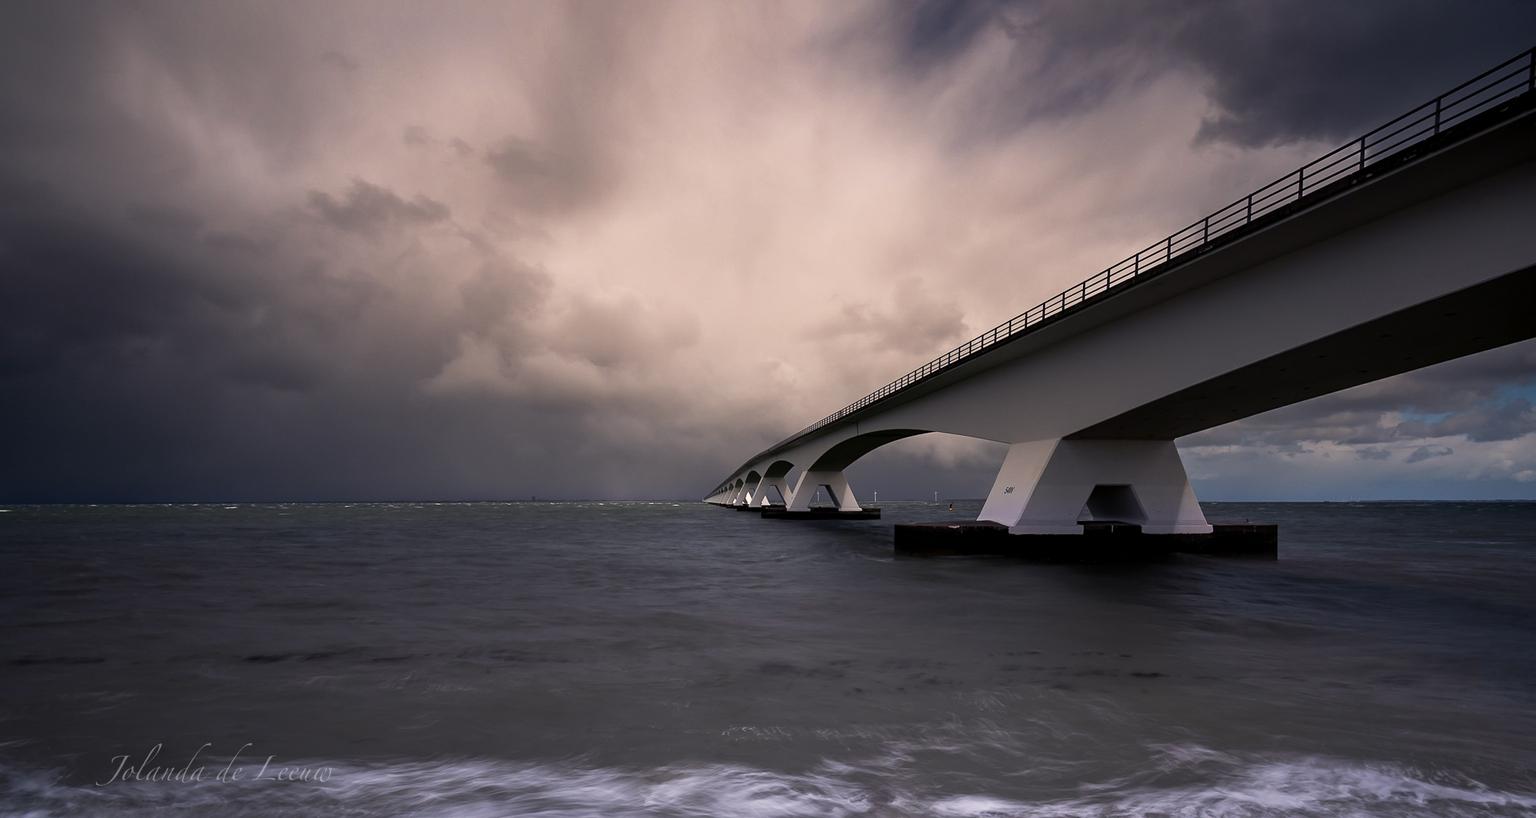 Zeelandbrug  - Bij de Zeelandbrug is het eigenlijk altijd mooi. Ook zo op deze onstuimige dag met felle buien  - foto door JolandadeLeeuw op 15-04-2021 - locatie: 4675 RB Nederland - deze foto bevat: zeelandbrug, wolken, water, zeeland, brug, buien, oosterschelde, wolk, water, lucht, meer, horizon, kalmte, vloeistof, balkbrug, stad, monochrome fotografie